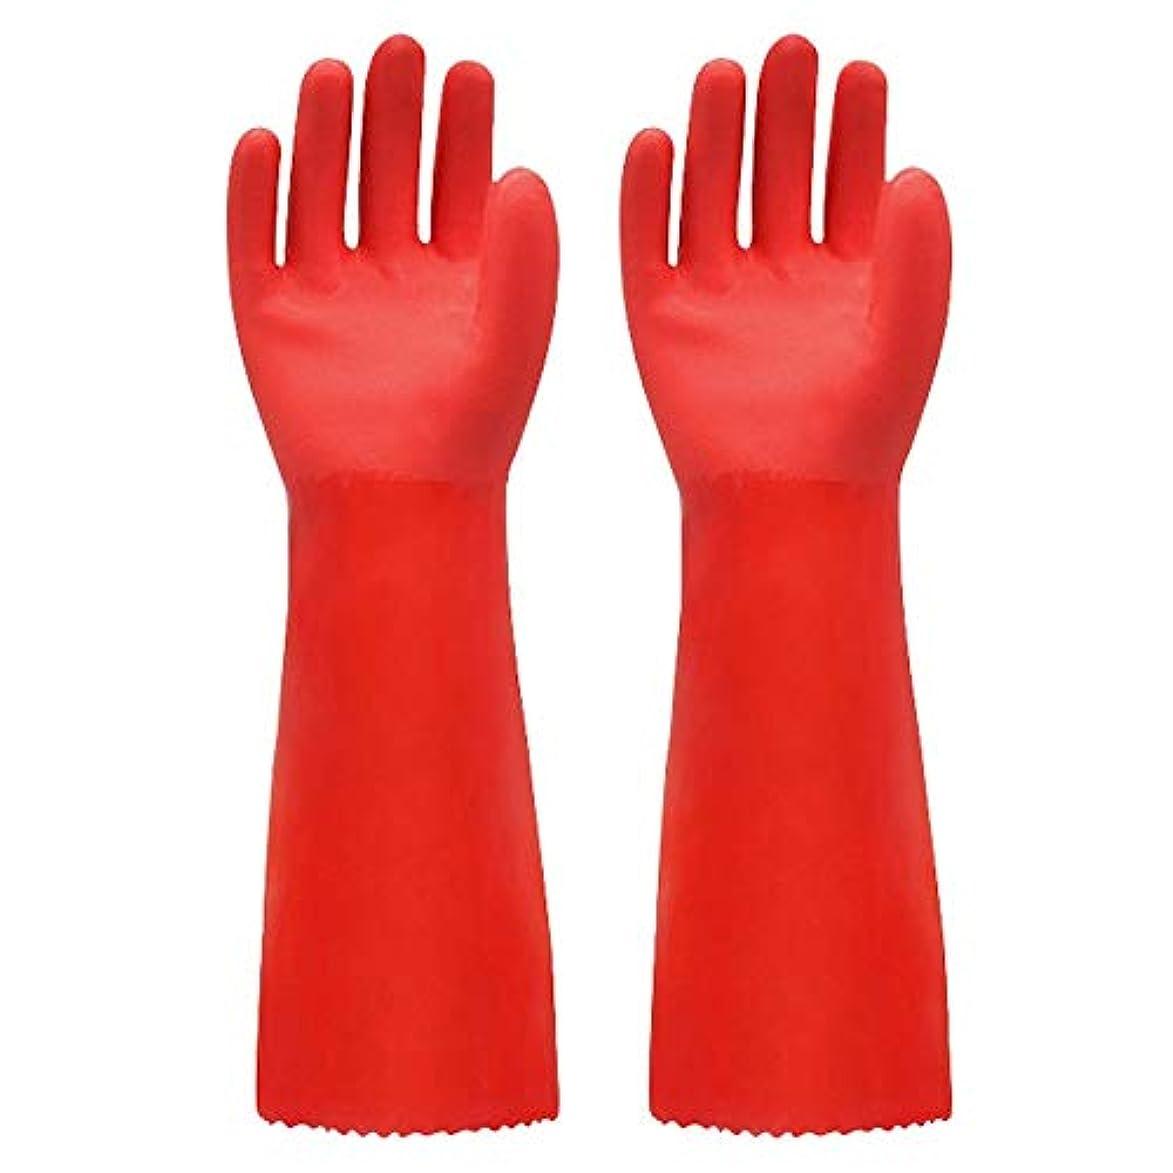 虚弱雪だるま全体BTXXYJP キッチン用手袋 手袋 掃除用 ロング 耐摩耗 食器洗い 作業 炊事 食器洗い 園芸 洗車 防水 手袋 (Color : RED, Size : L)